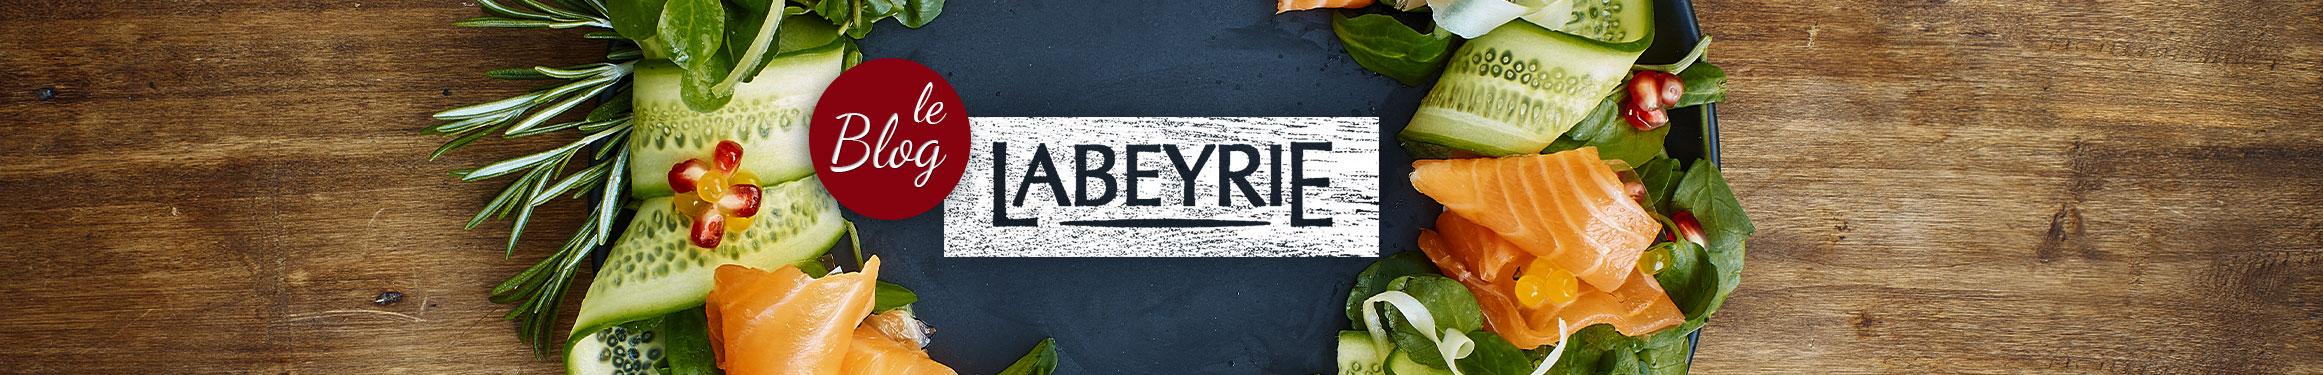 Labeyrie-LeBlog